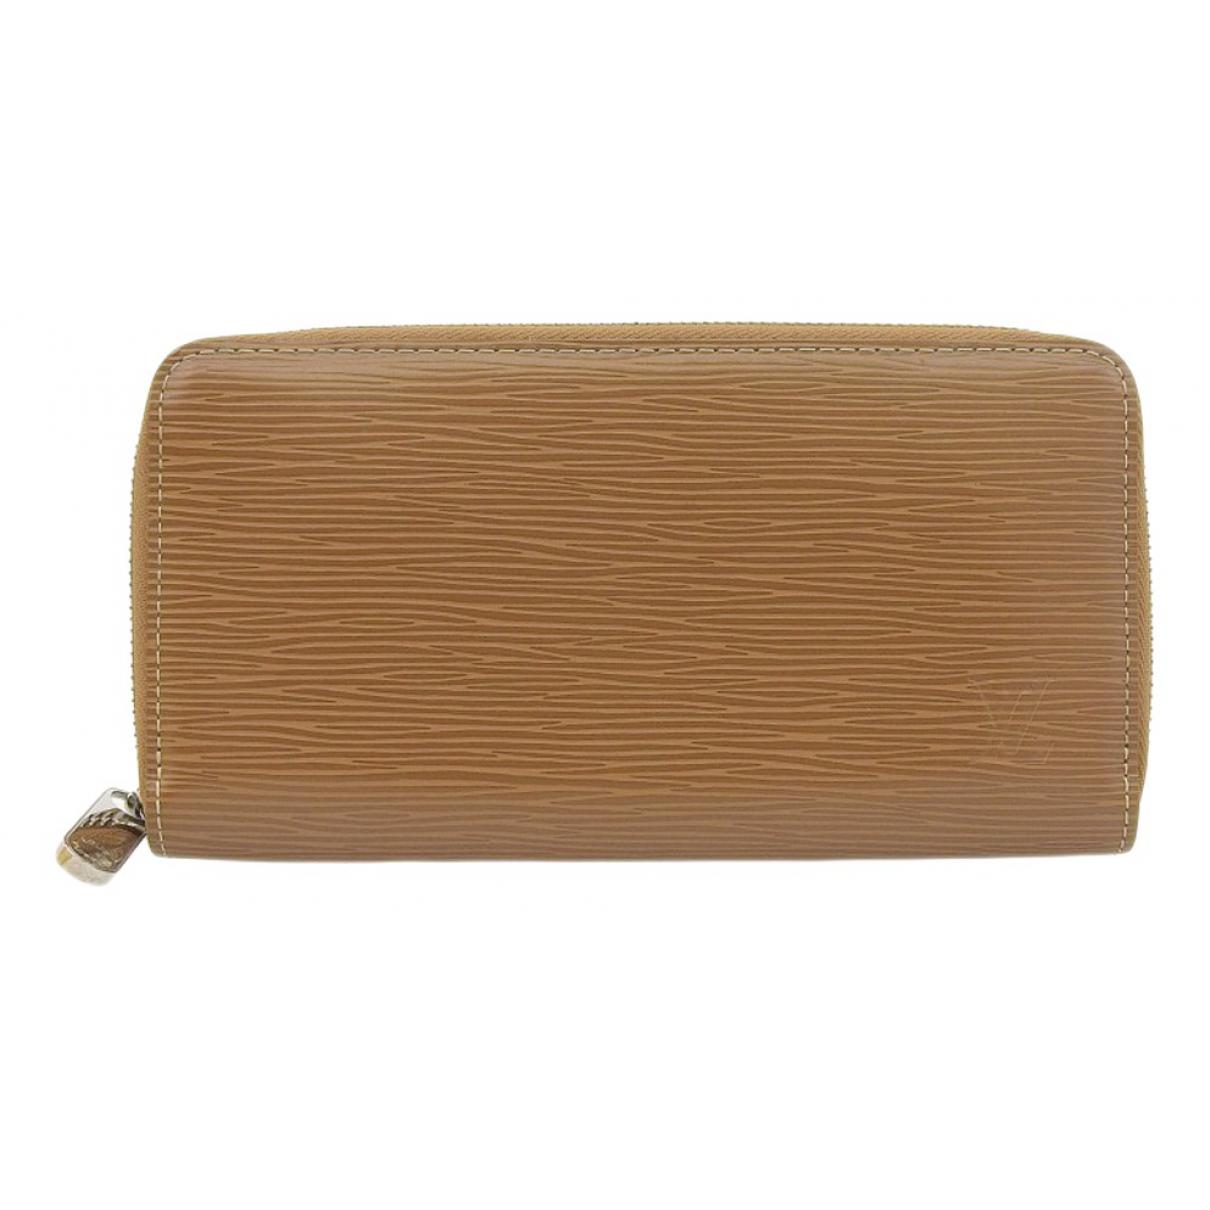 Louis Vuitton - Portefeuille Zippy pour femme en cuir - camel